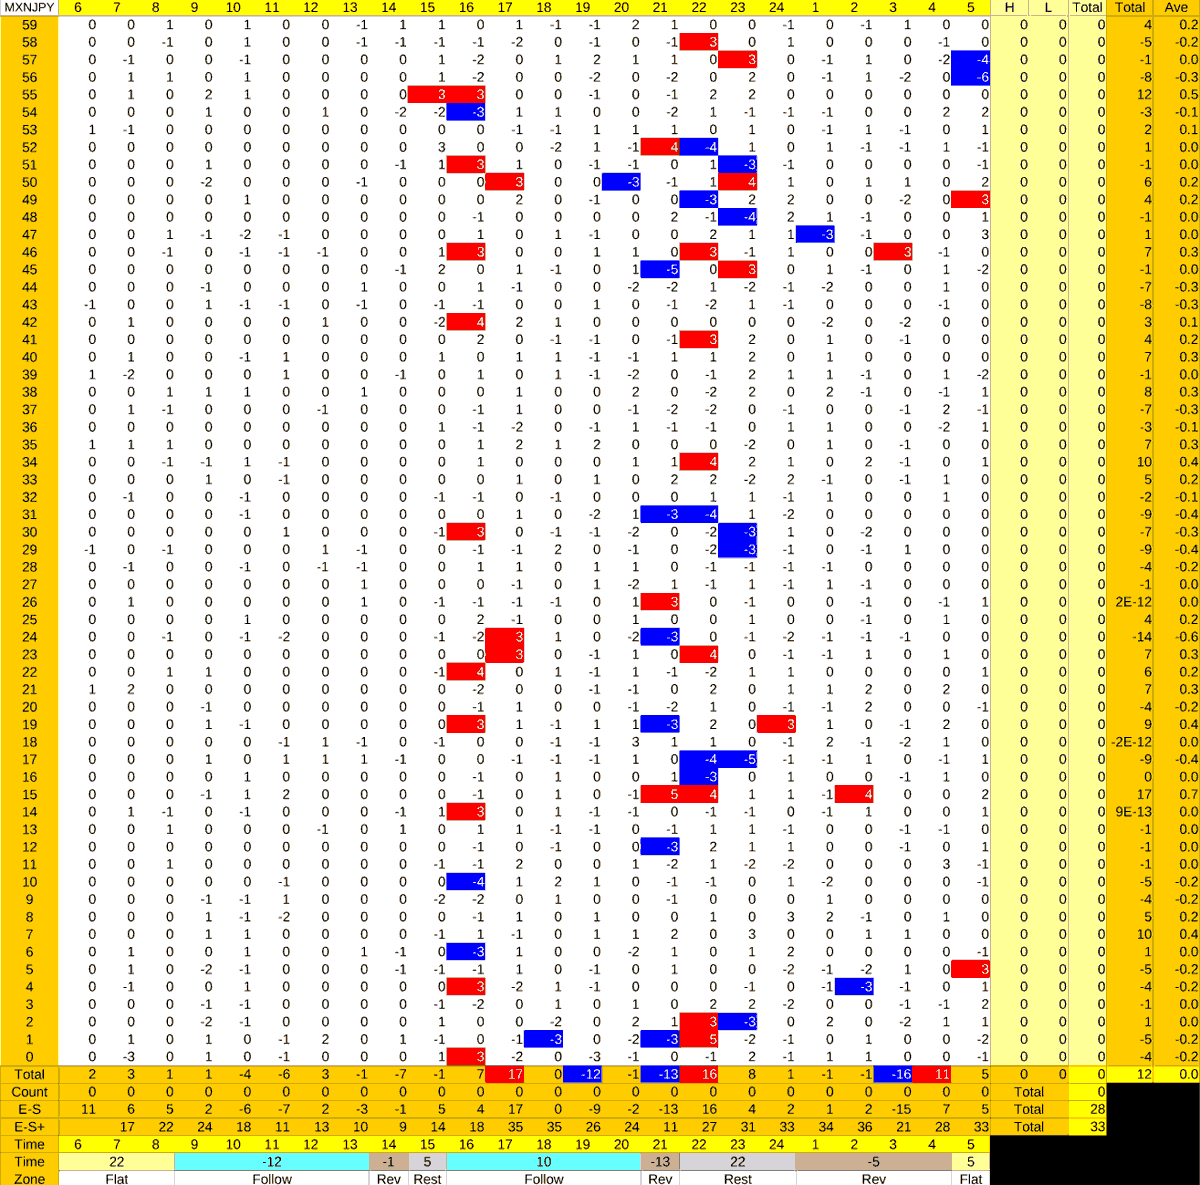 20210721_HS(3)MXNJPY-min